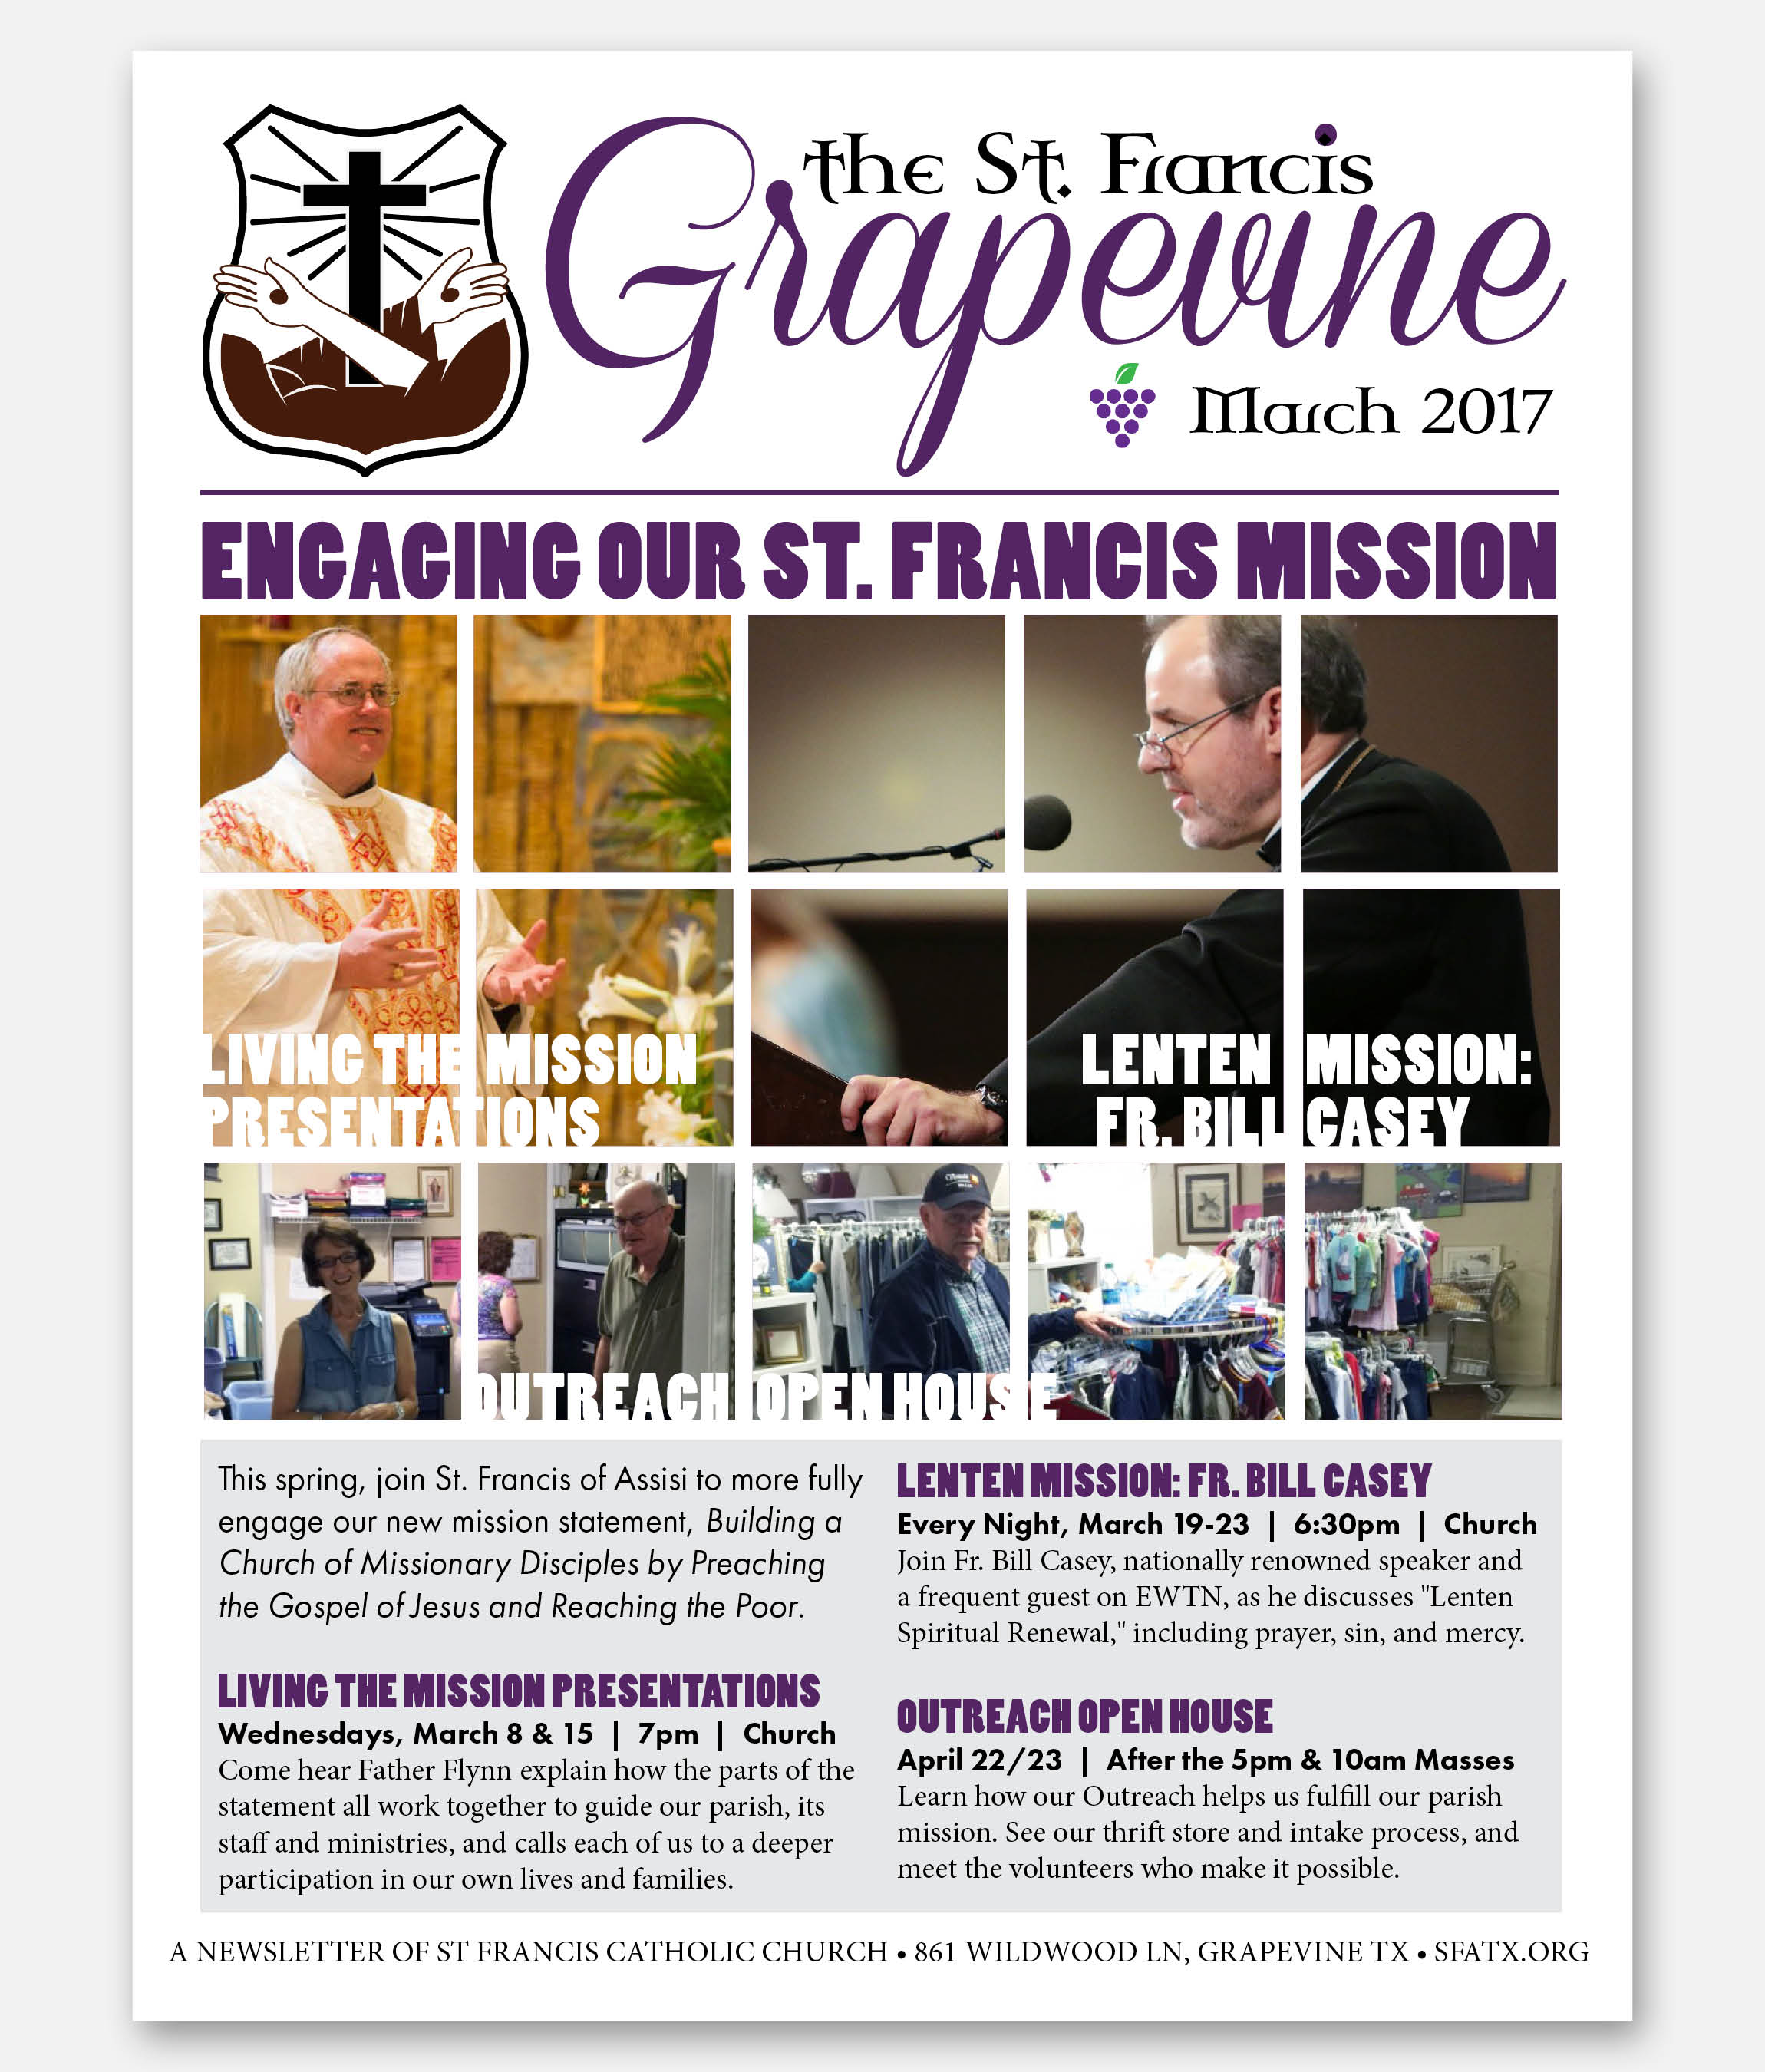 grapevine-newsletter-mar17.jpg